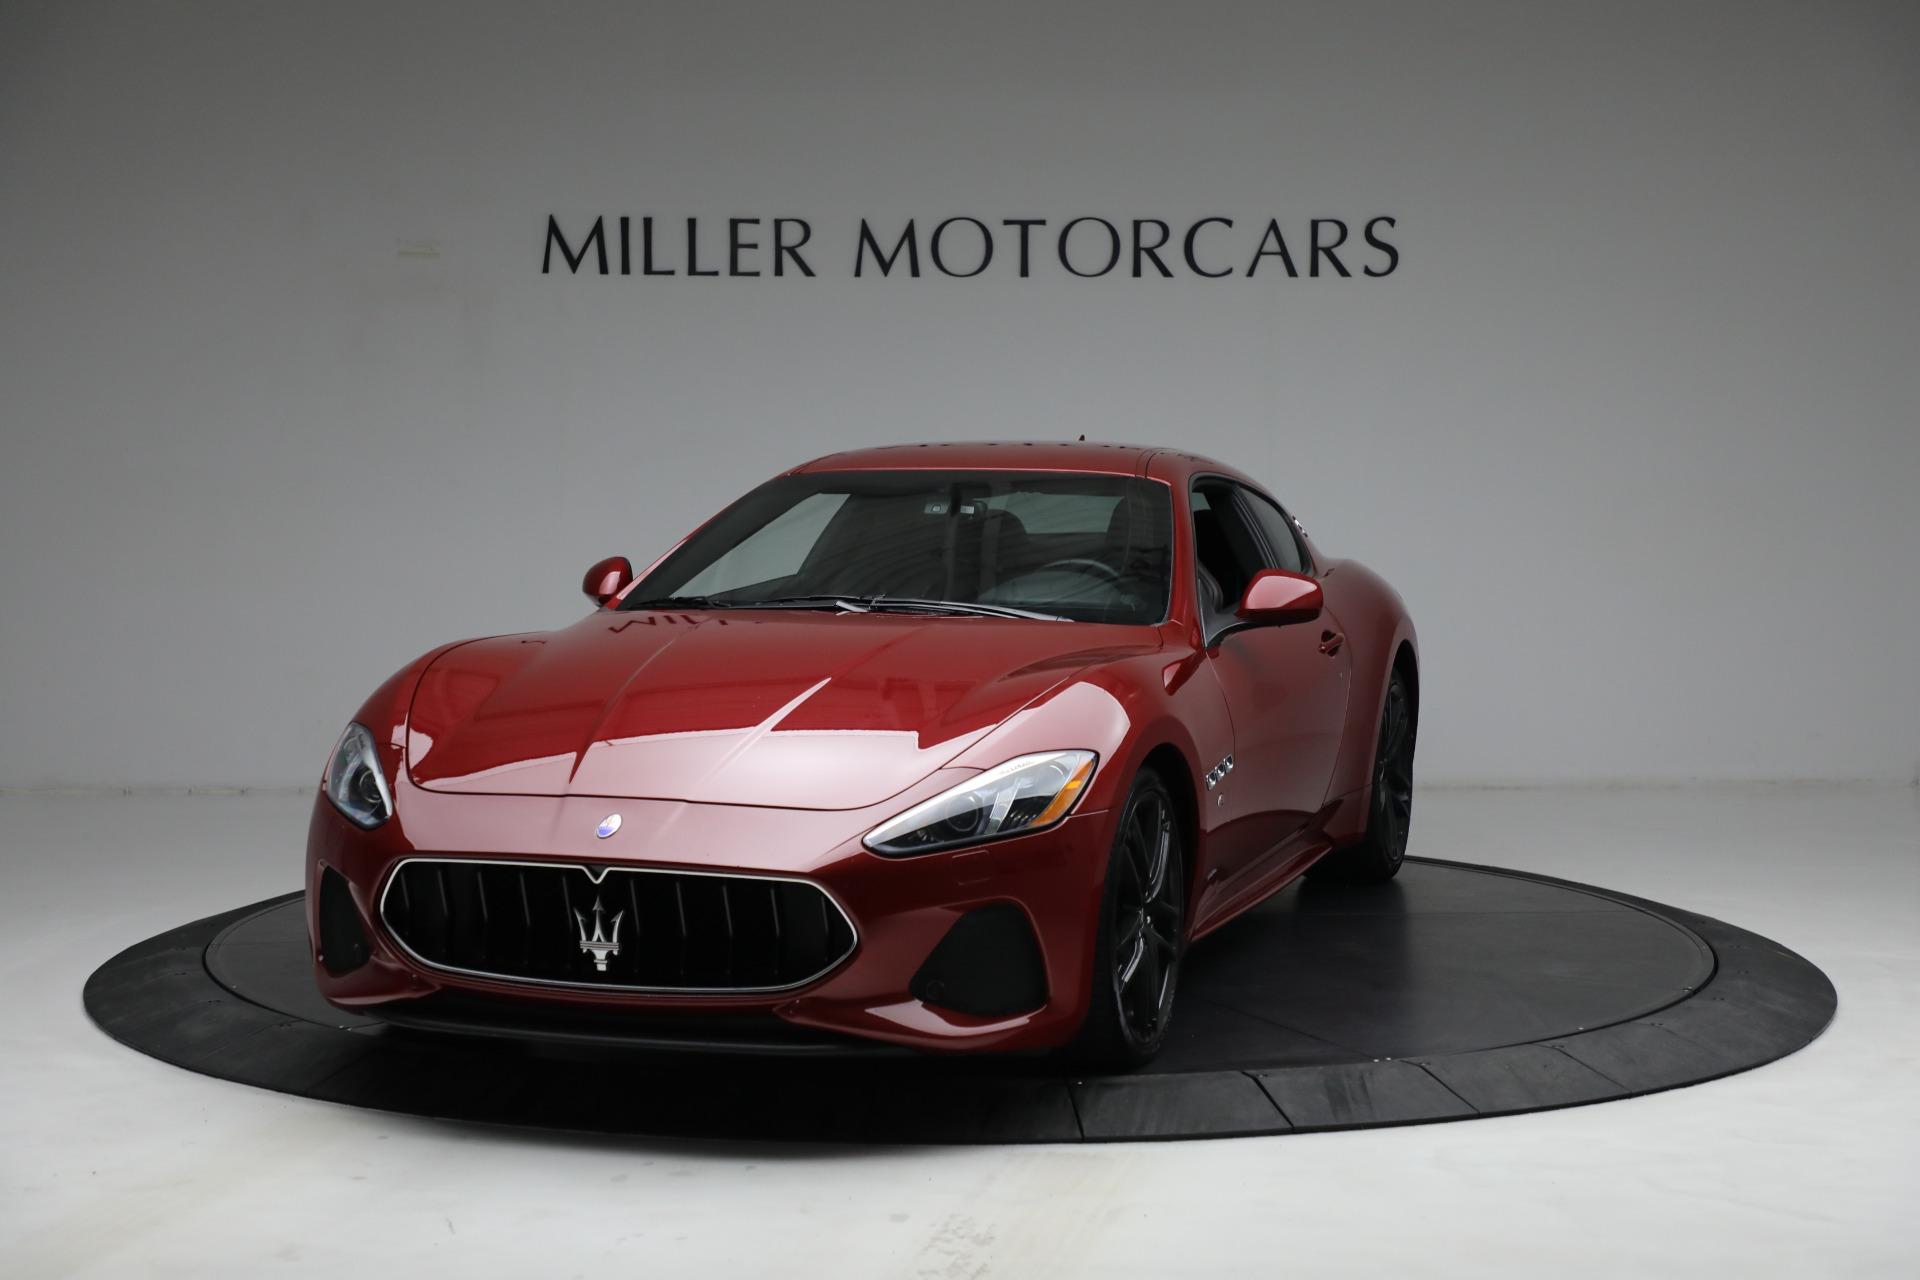 Used 2018 Maserati GranTurismo Sport for sale $94,900 at Aston Martin of Greenwich in Greenwich CT 06830 1